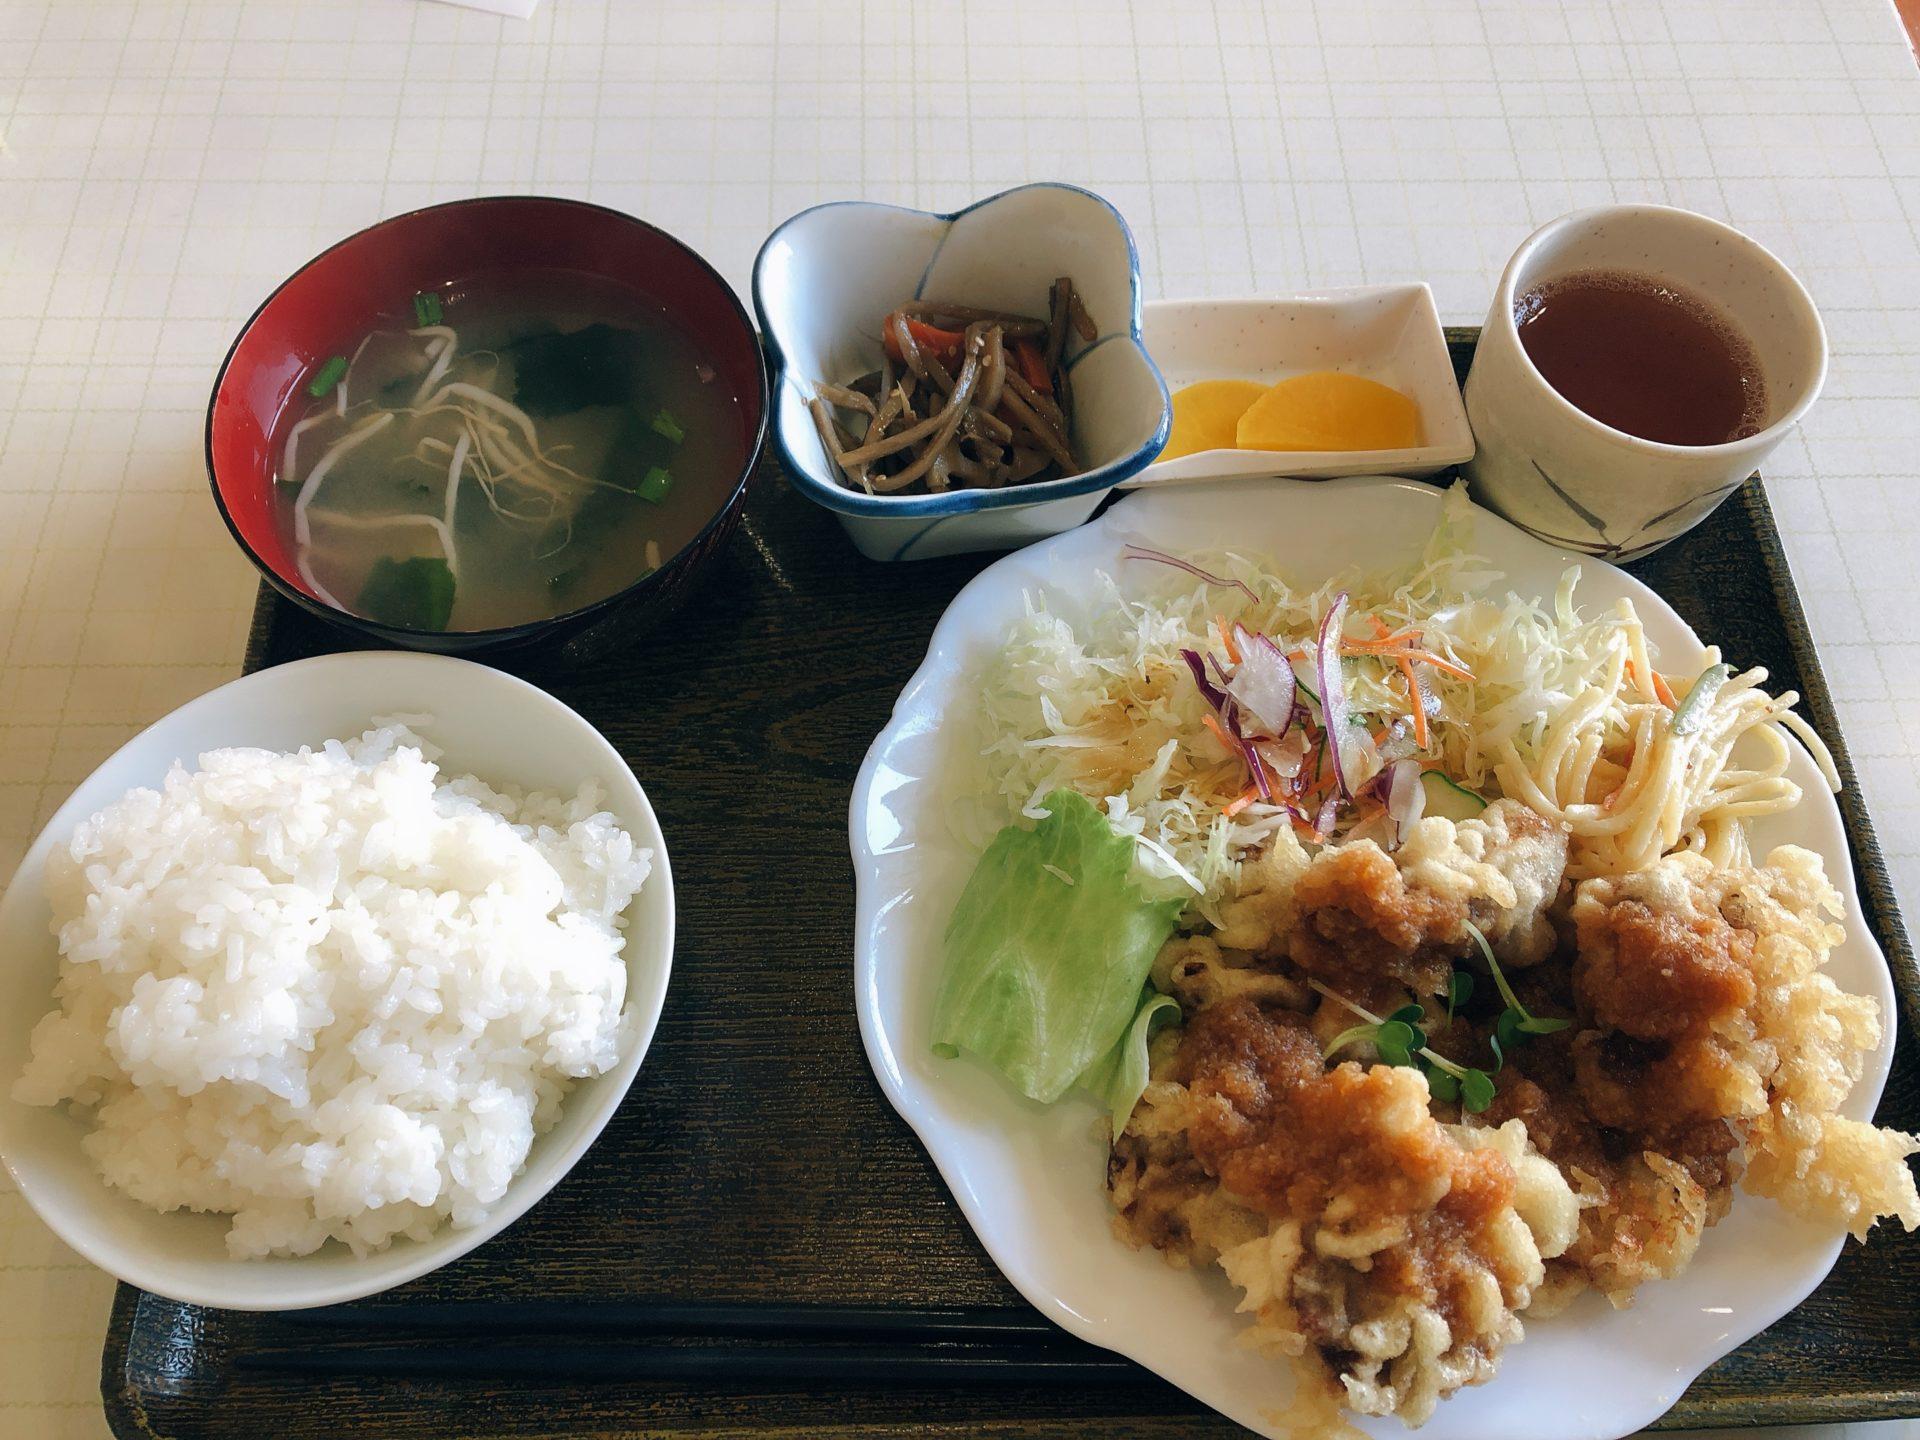 大元駅近くで見つけた定食屋さん レストラン今辰のランチはラーメンも揚げ物も美味しく、何よりもリーズナブル!!